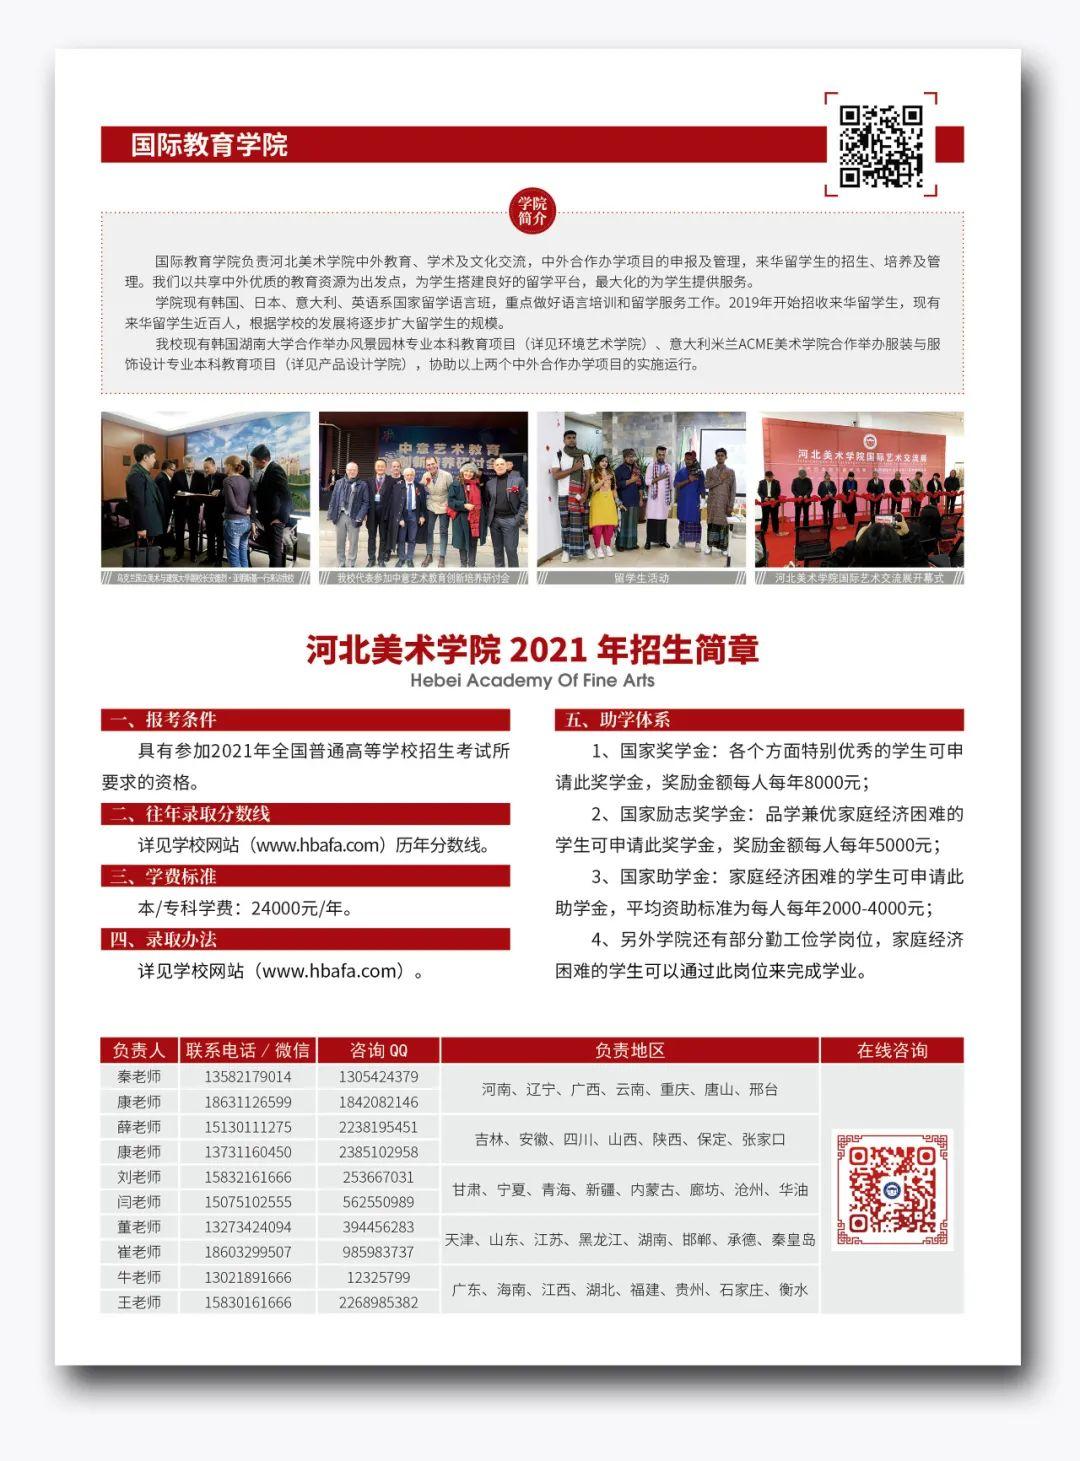 河北美术学院2021年招生简章